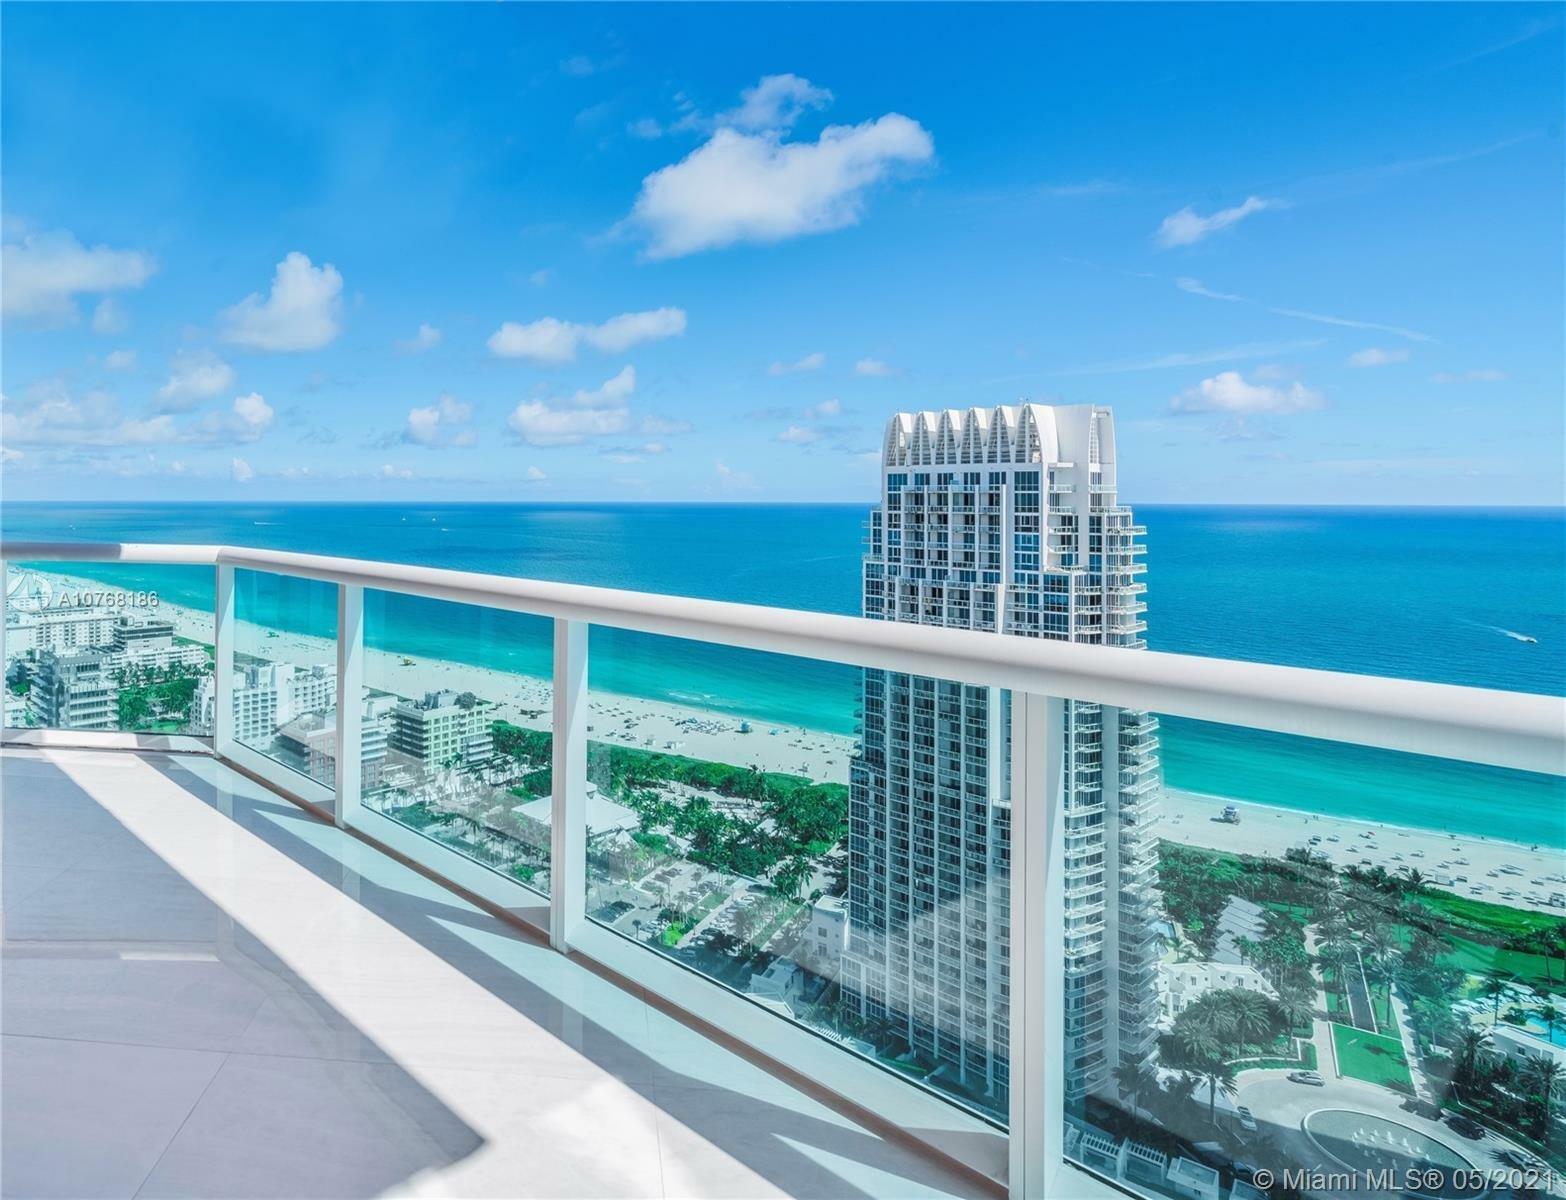 Condo in Miami Beach, Florida, United States 1